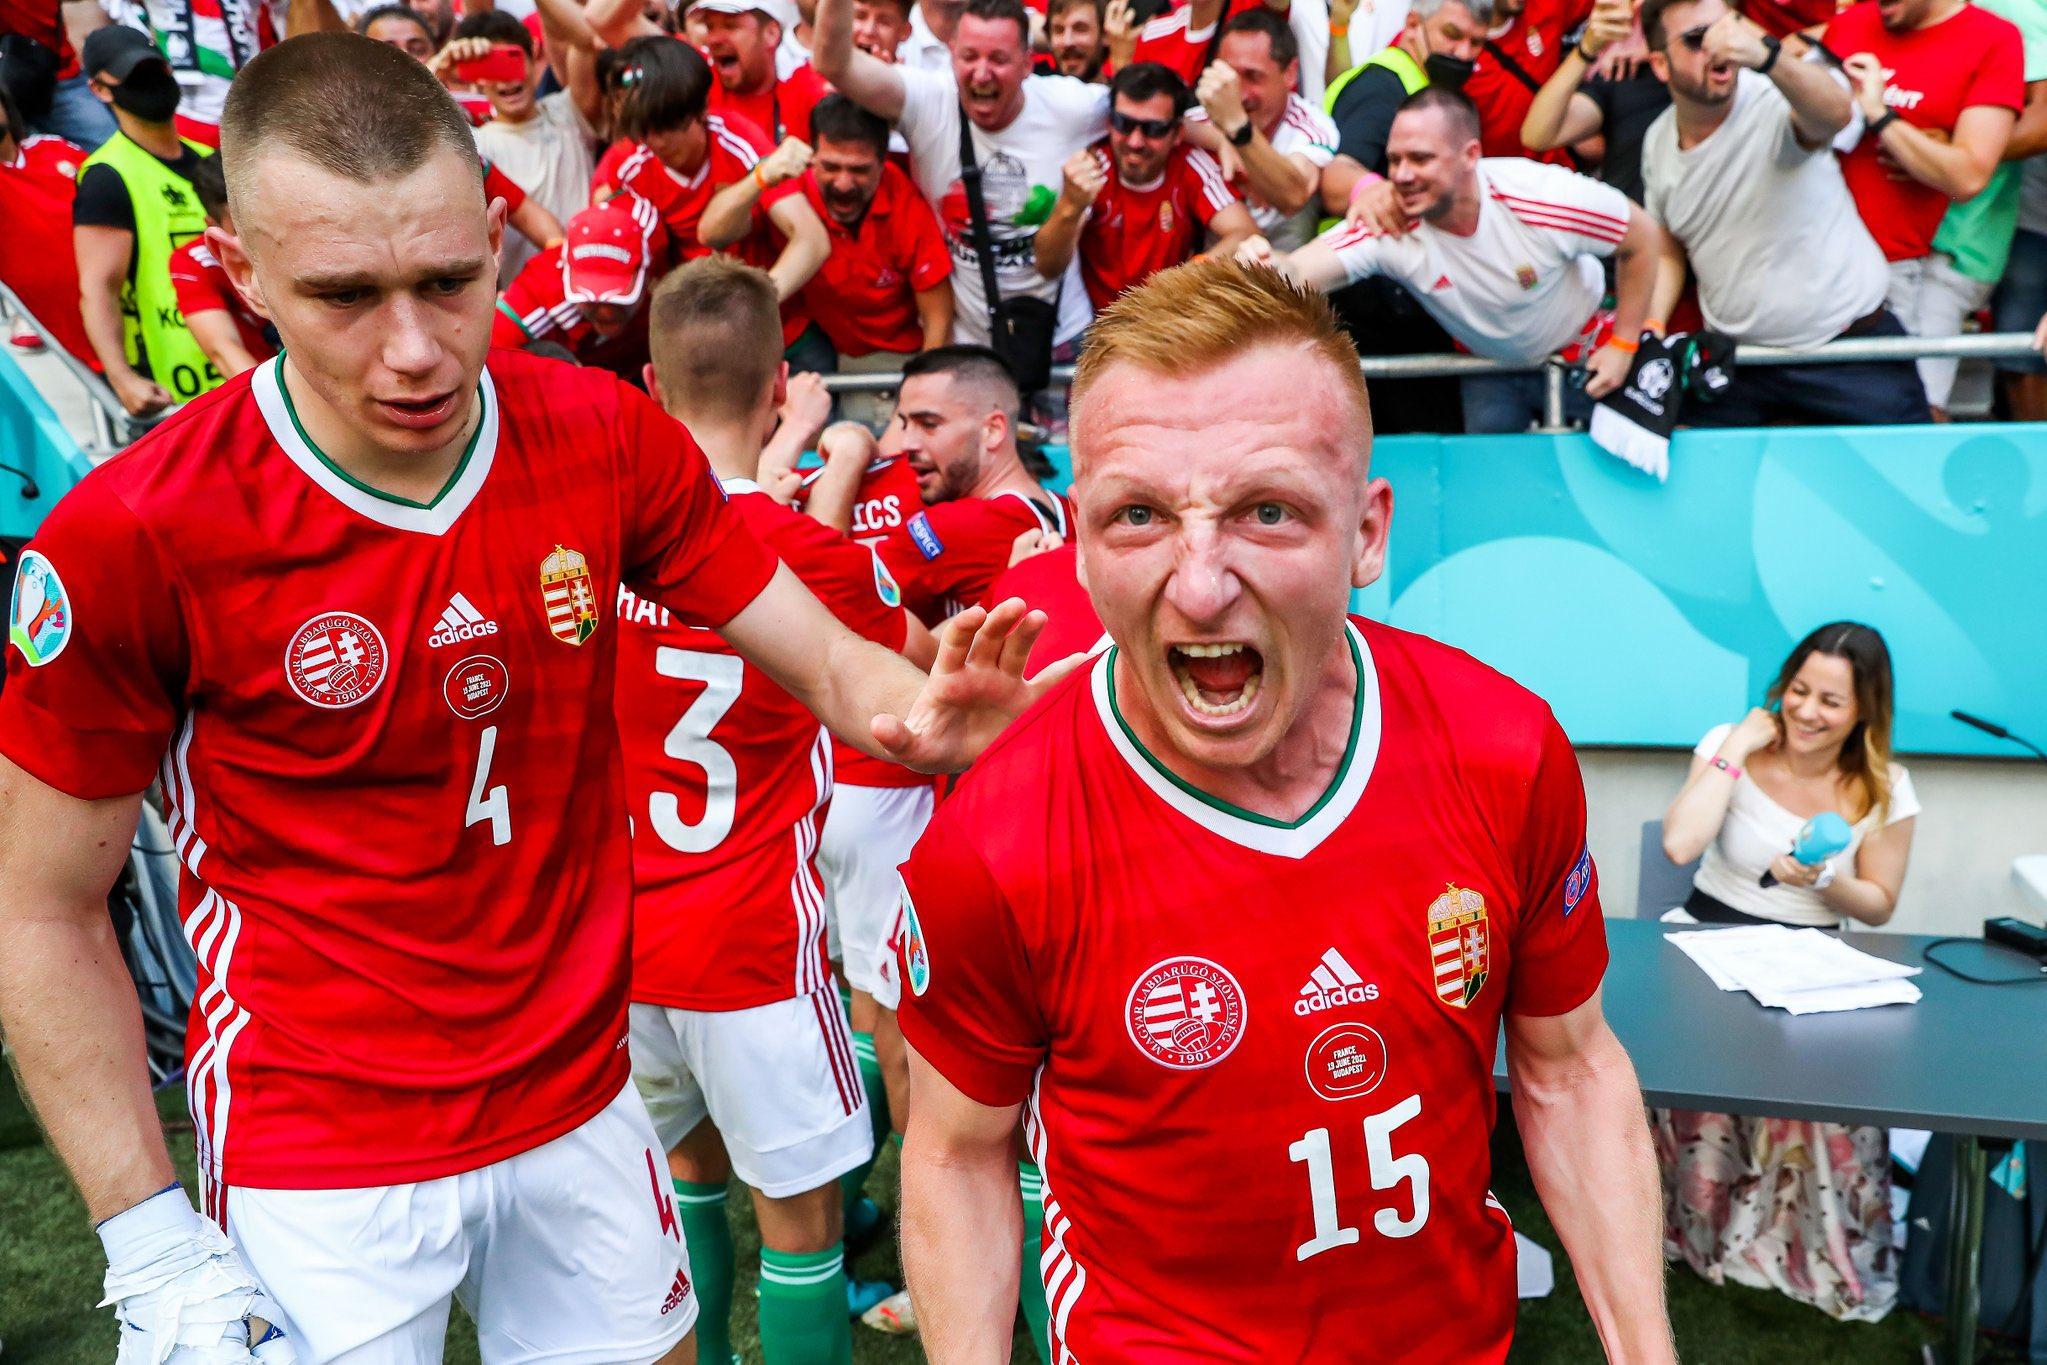 La Totale 🇪🇺 : Gosens 🔥 la célébration hongroise 😂 Allemagne 💪